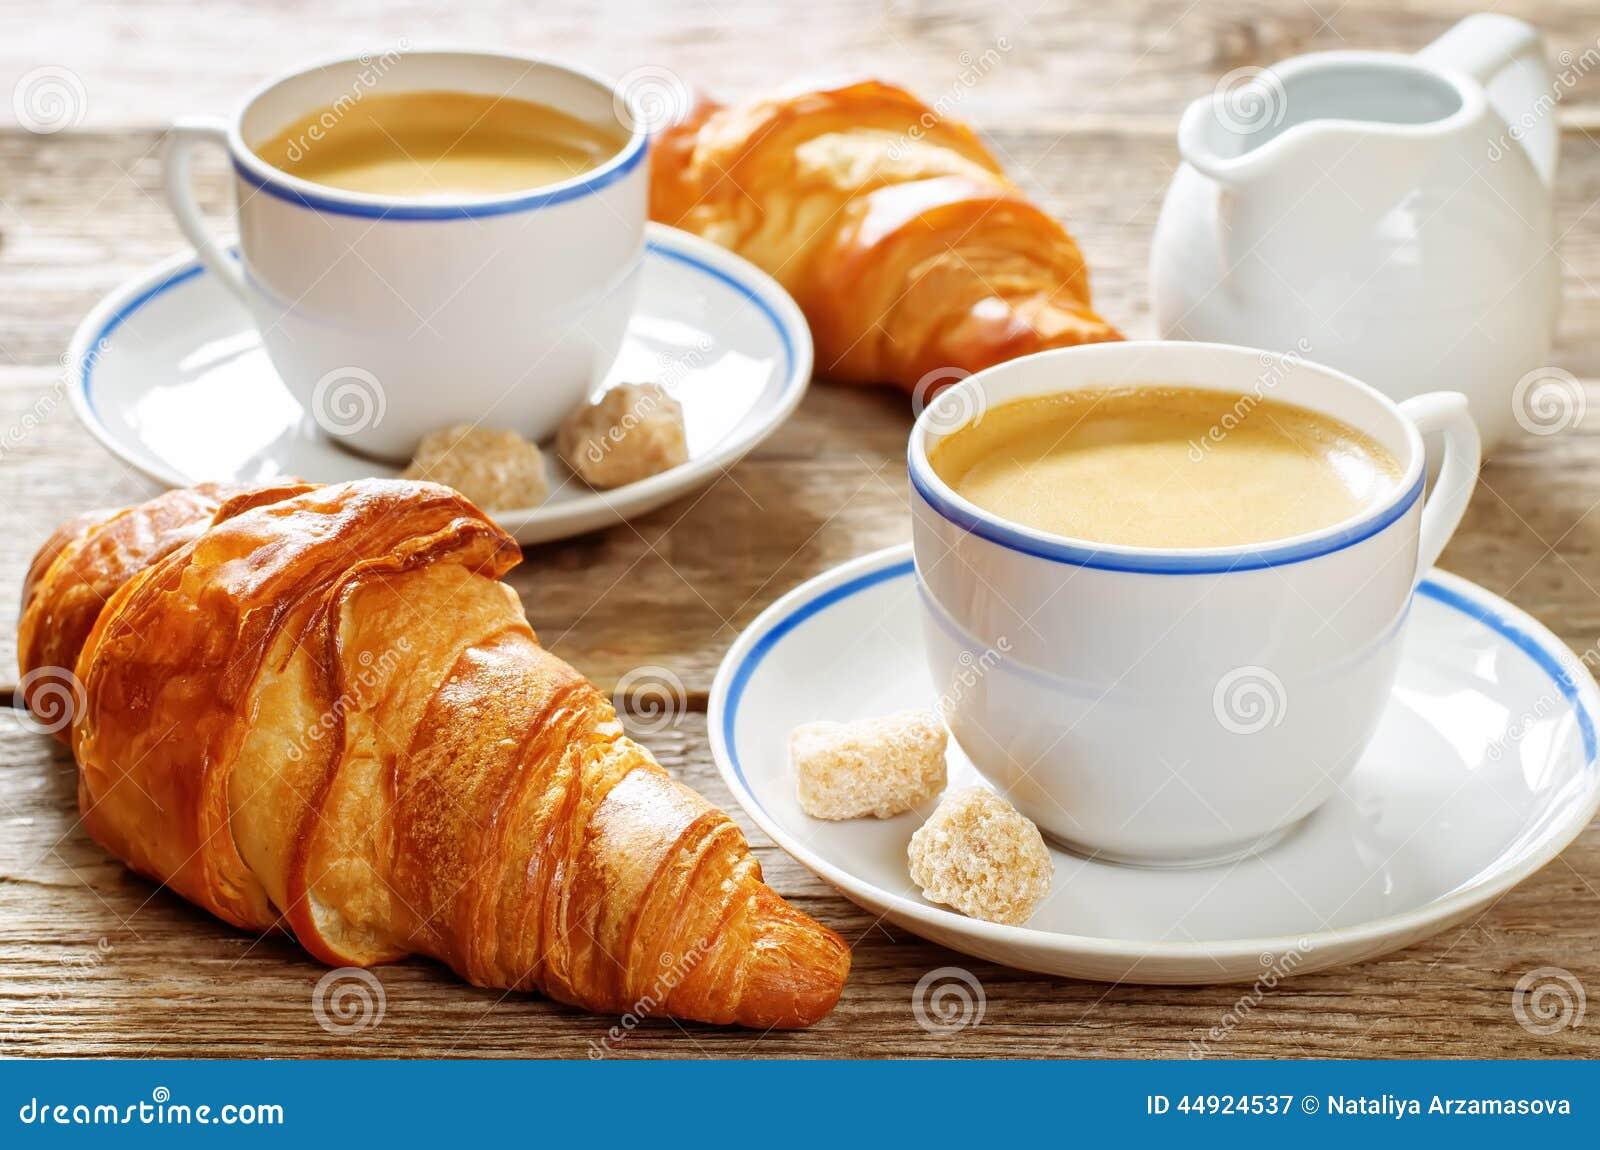 Prix D Un Cafe Au Lait En Boulangerie